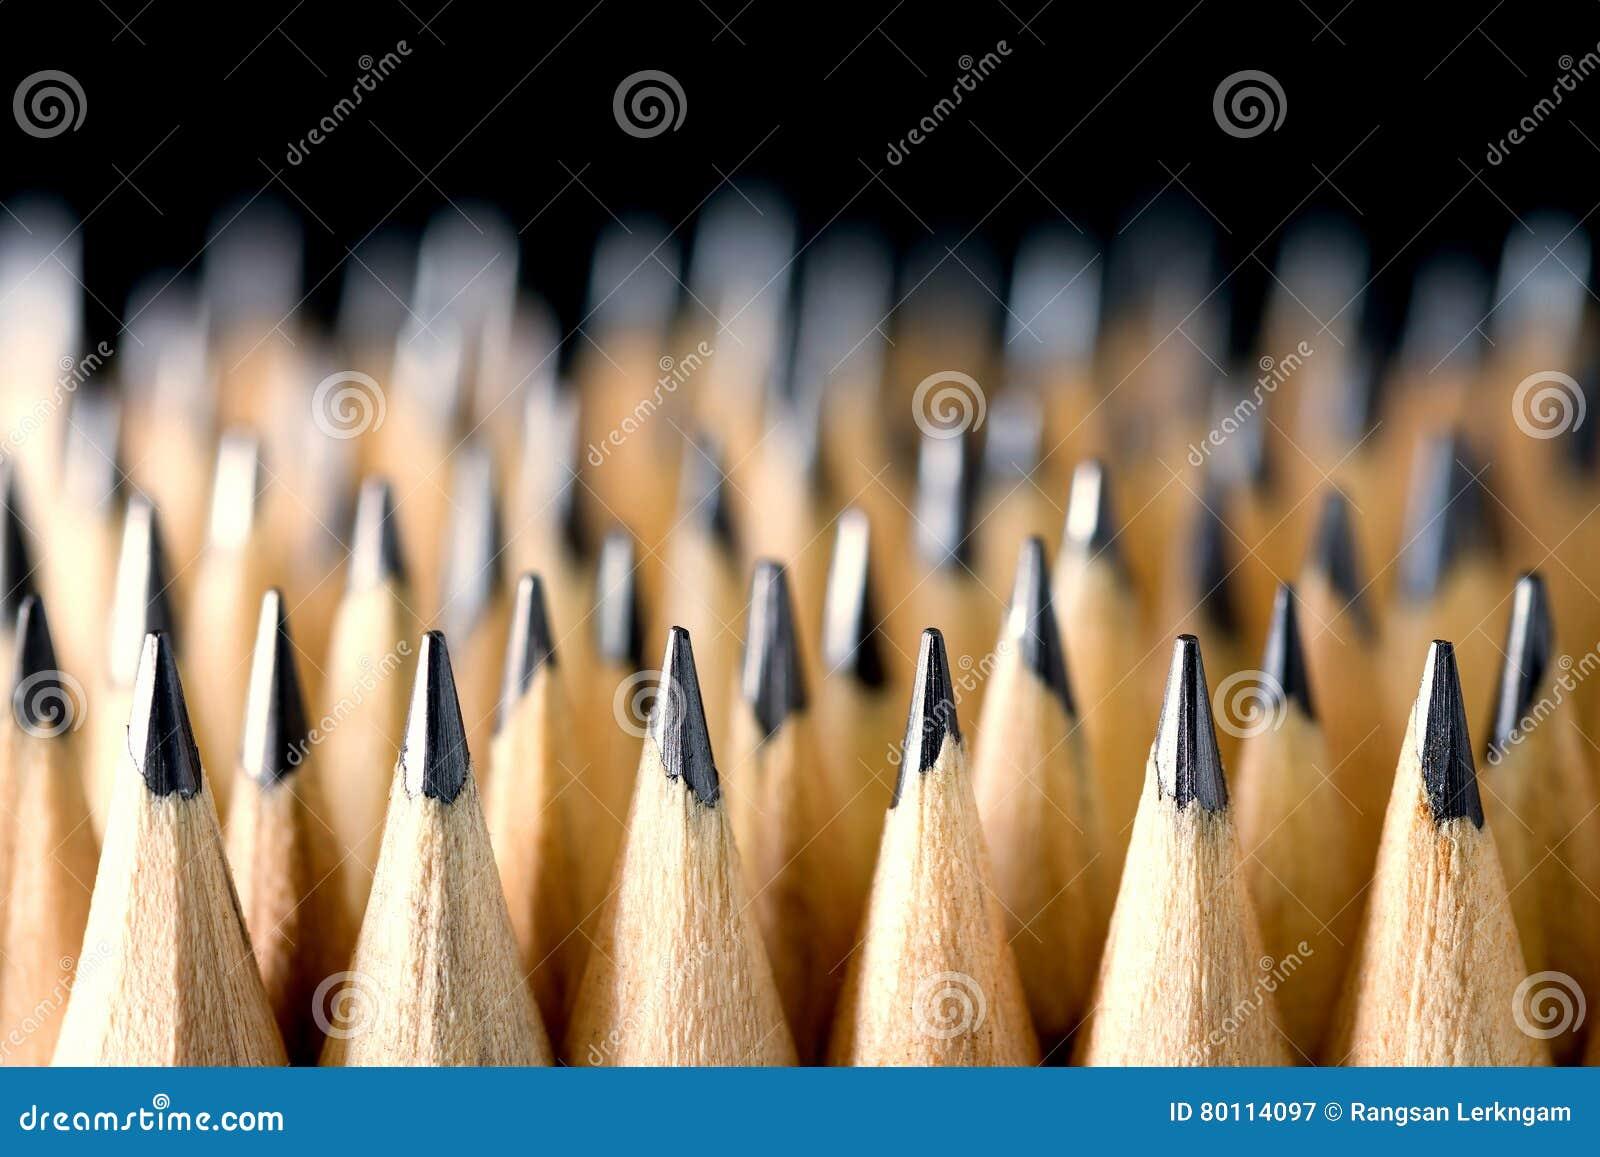 O lápis colocado